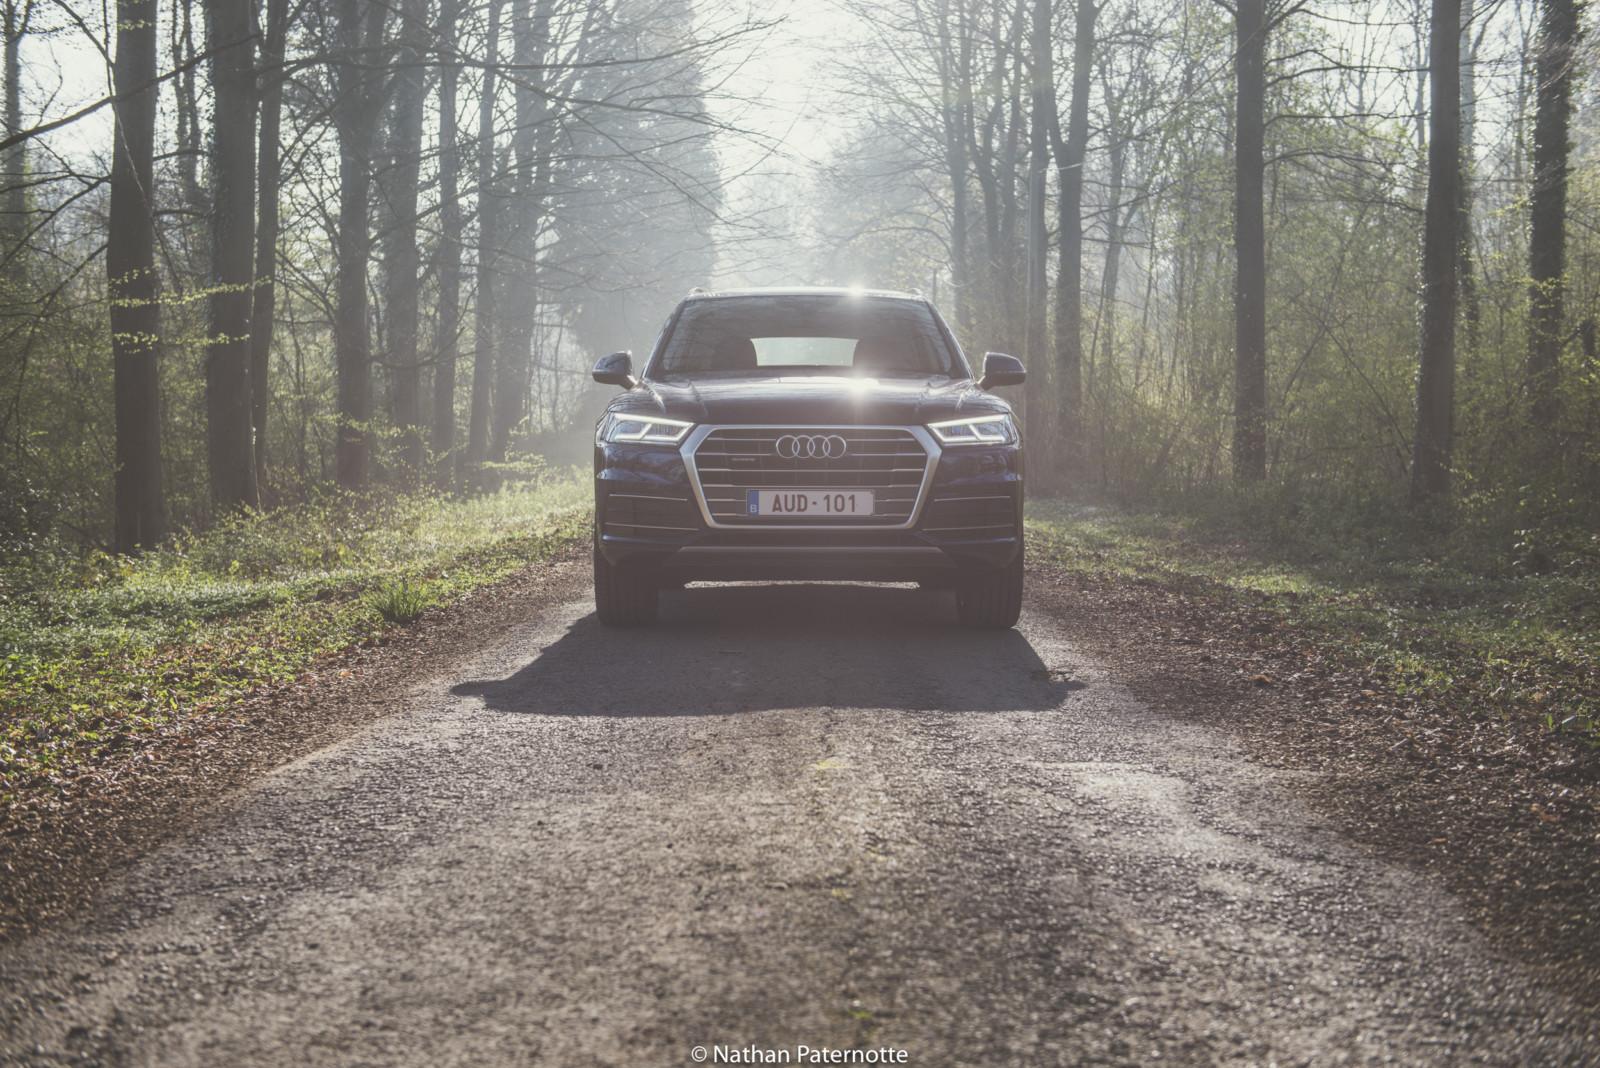 audi q5 quattro 2017 02 - Essai : Audi Q5 Quattro 190 TDI S-Tronic